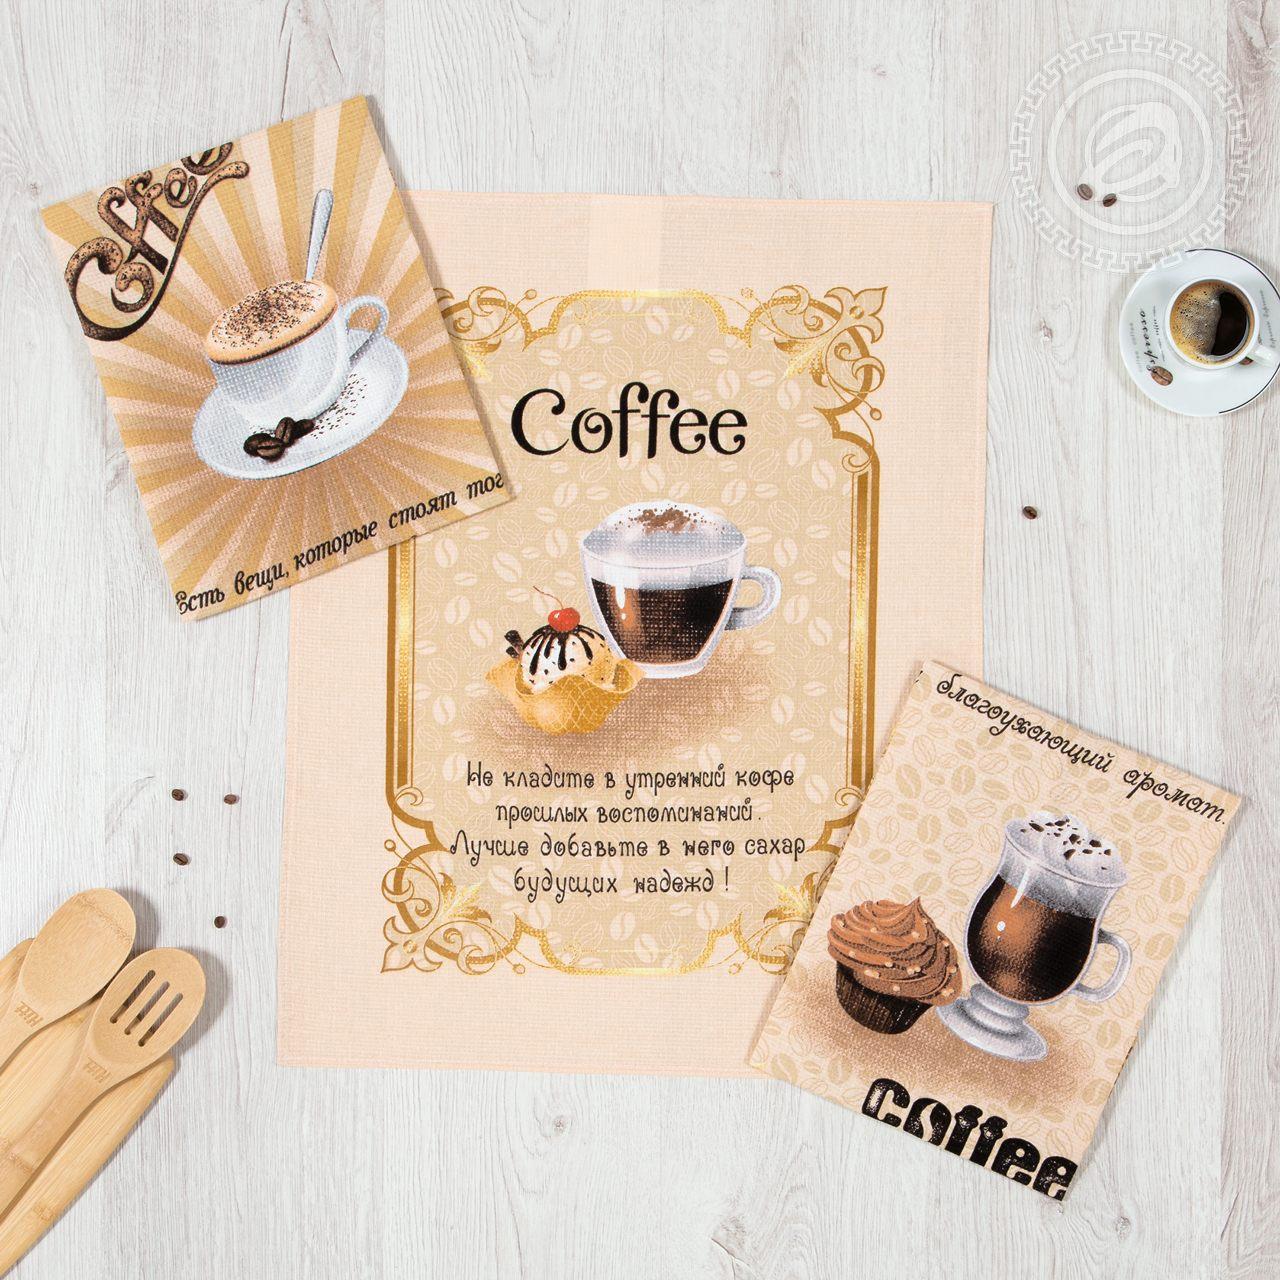 Комплект вафельных полотенец 45x60 (3 шт) Кофе Артпостель